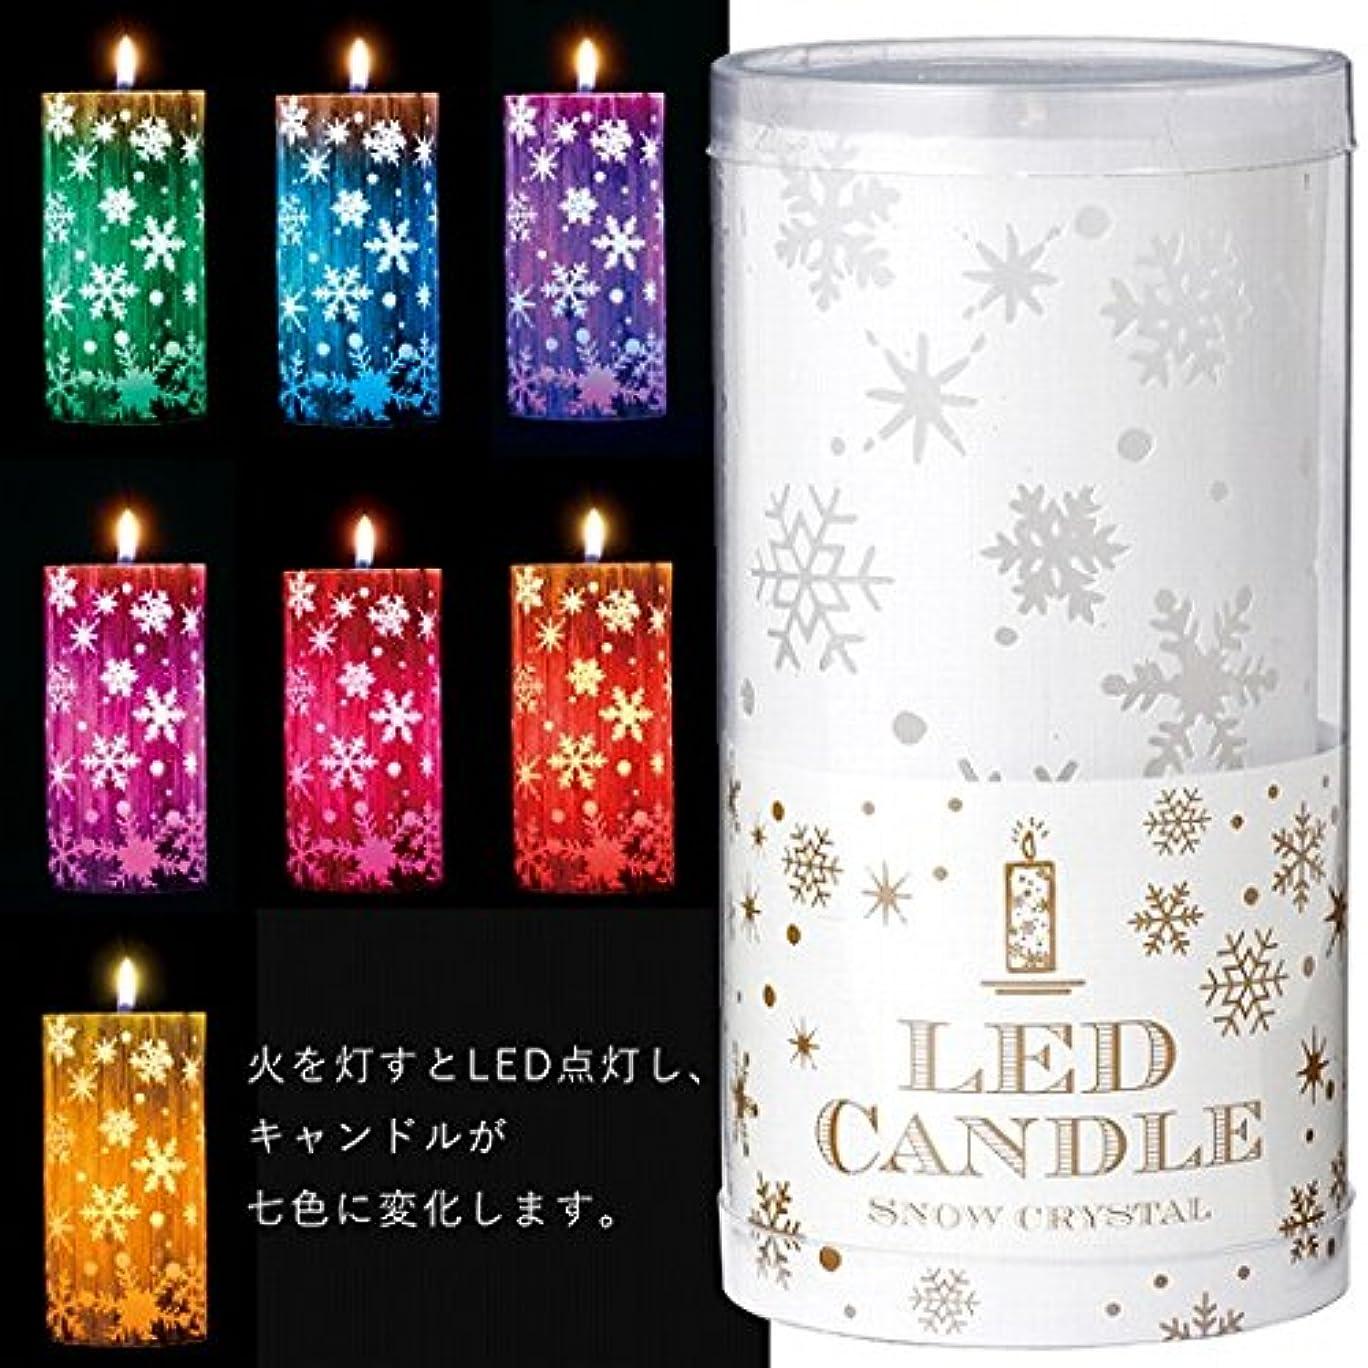 マッサージ外観料理をするカメヤマキャンドル(kameyama candle) LEDキャンドル 「 スノークリスタル 」